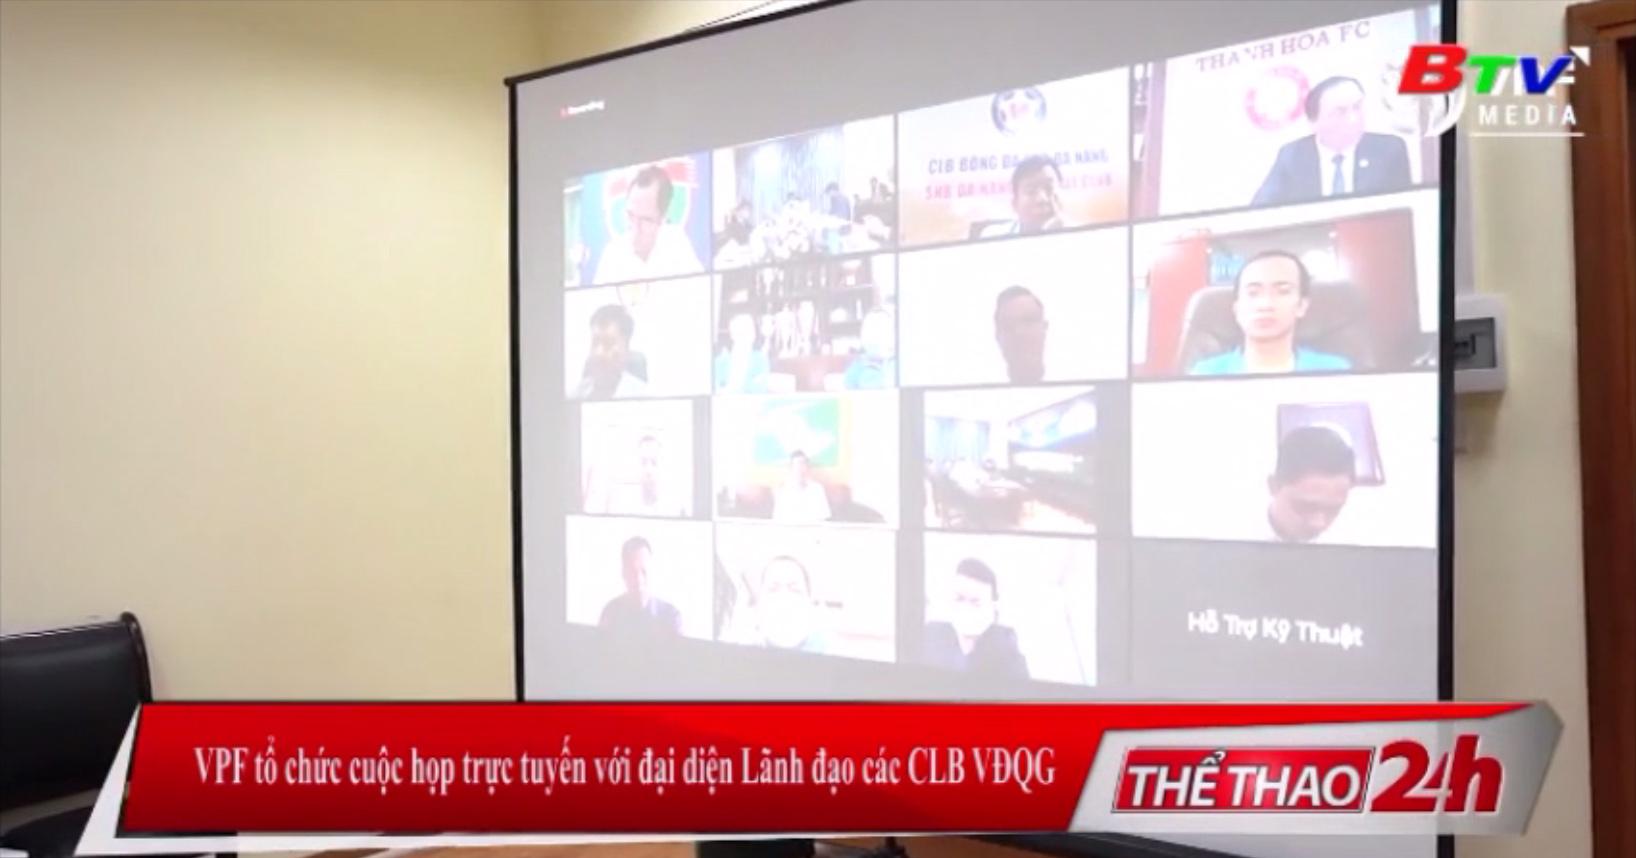 VPF tổ chức cuộc họp trực tuyến với đại diện lãnh đạo các CLB VĐQG